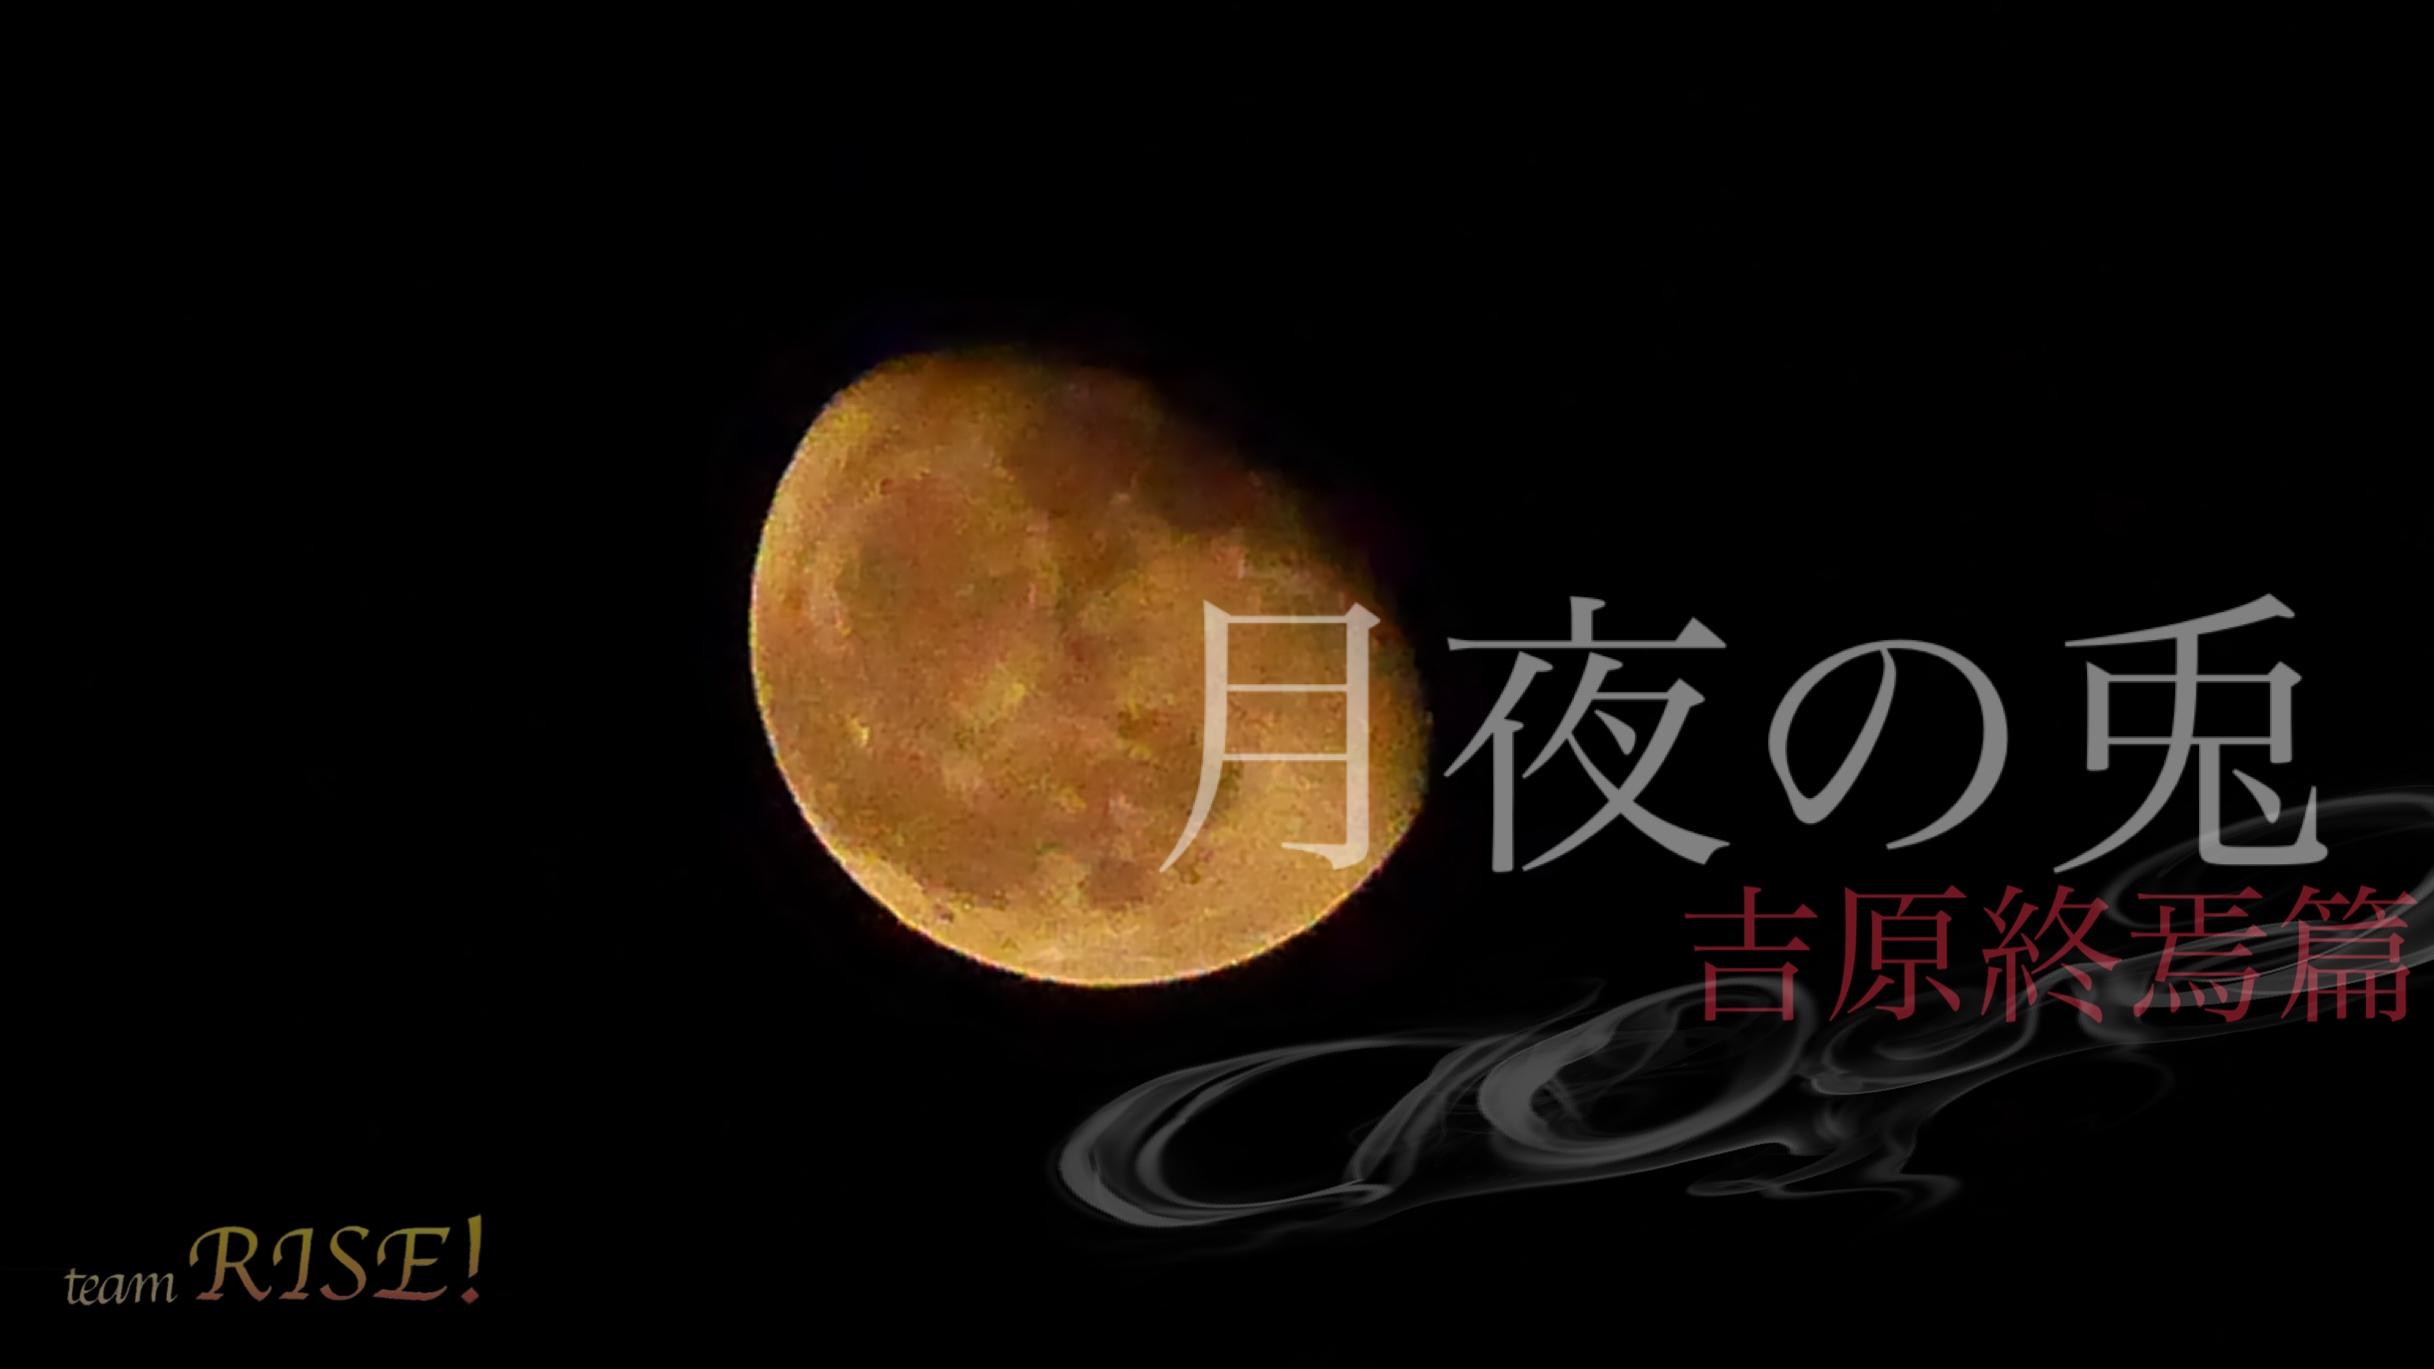 オーディション 2月公演「月夜の兎~吉原終焉篇~」男女キャストオーディション 主催:team RISE!、カテゴリ:舞台